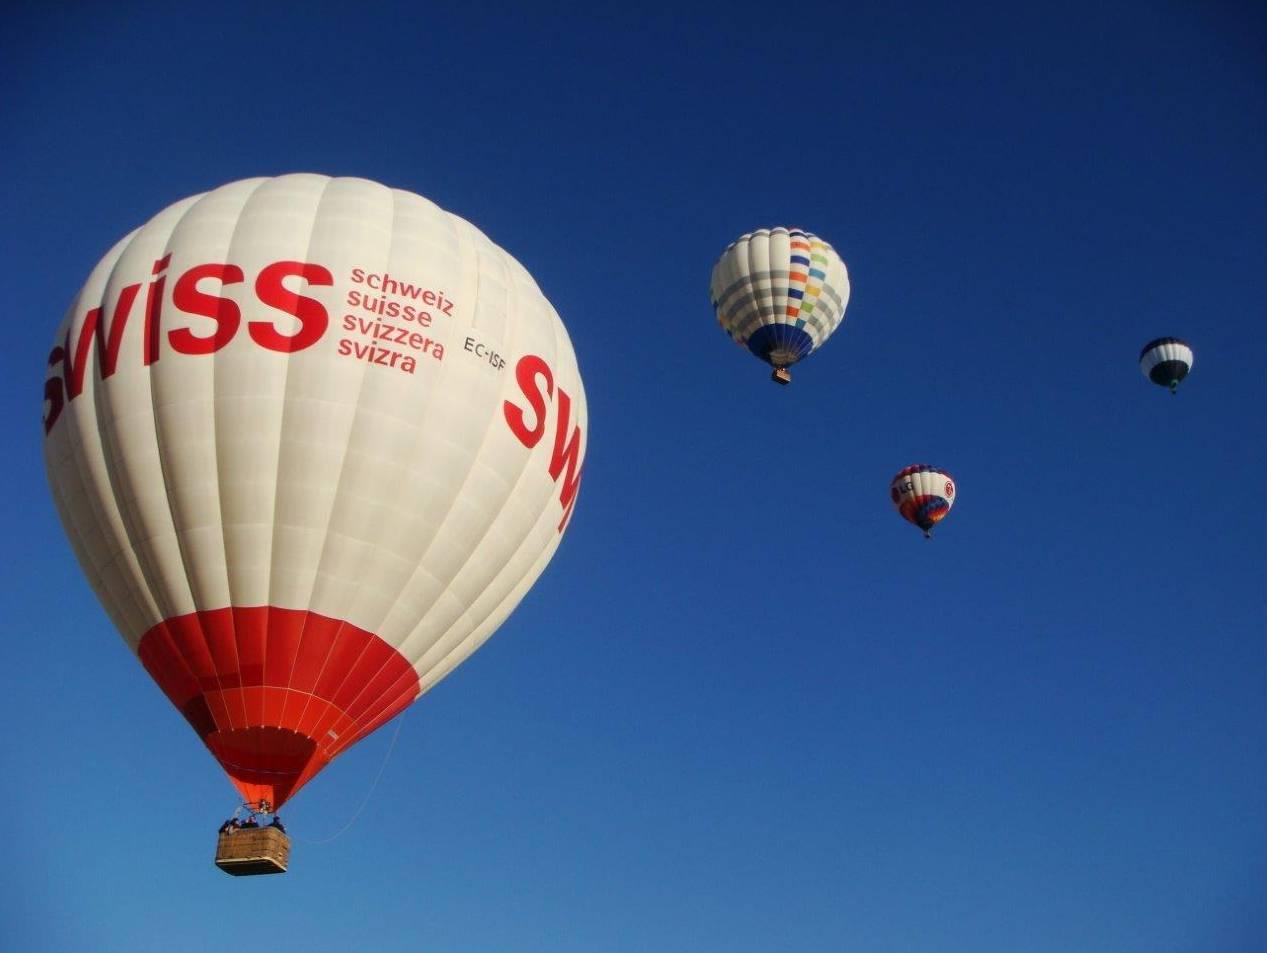 Los globos son aeronaves matriculadas y reguladas por AESA.